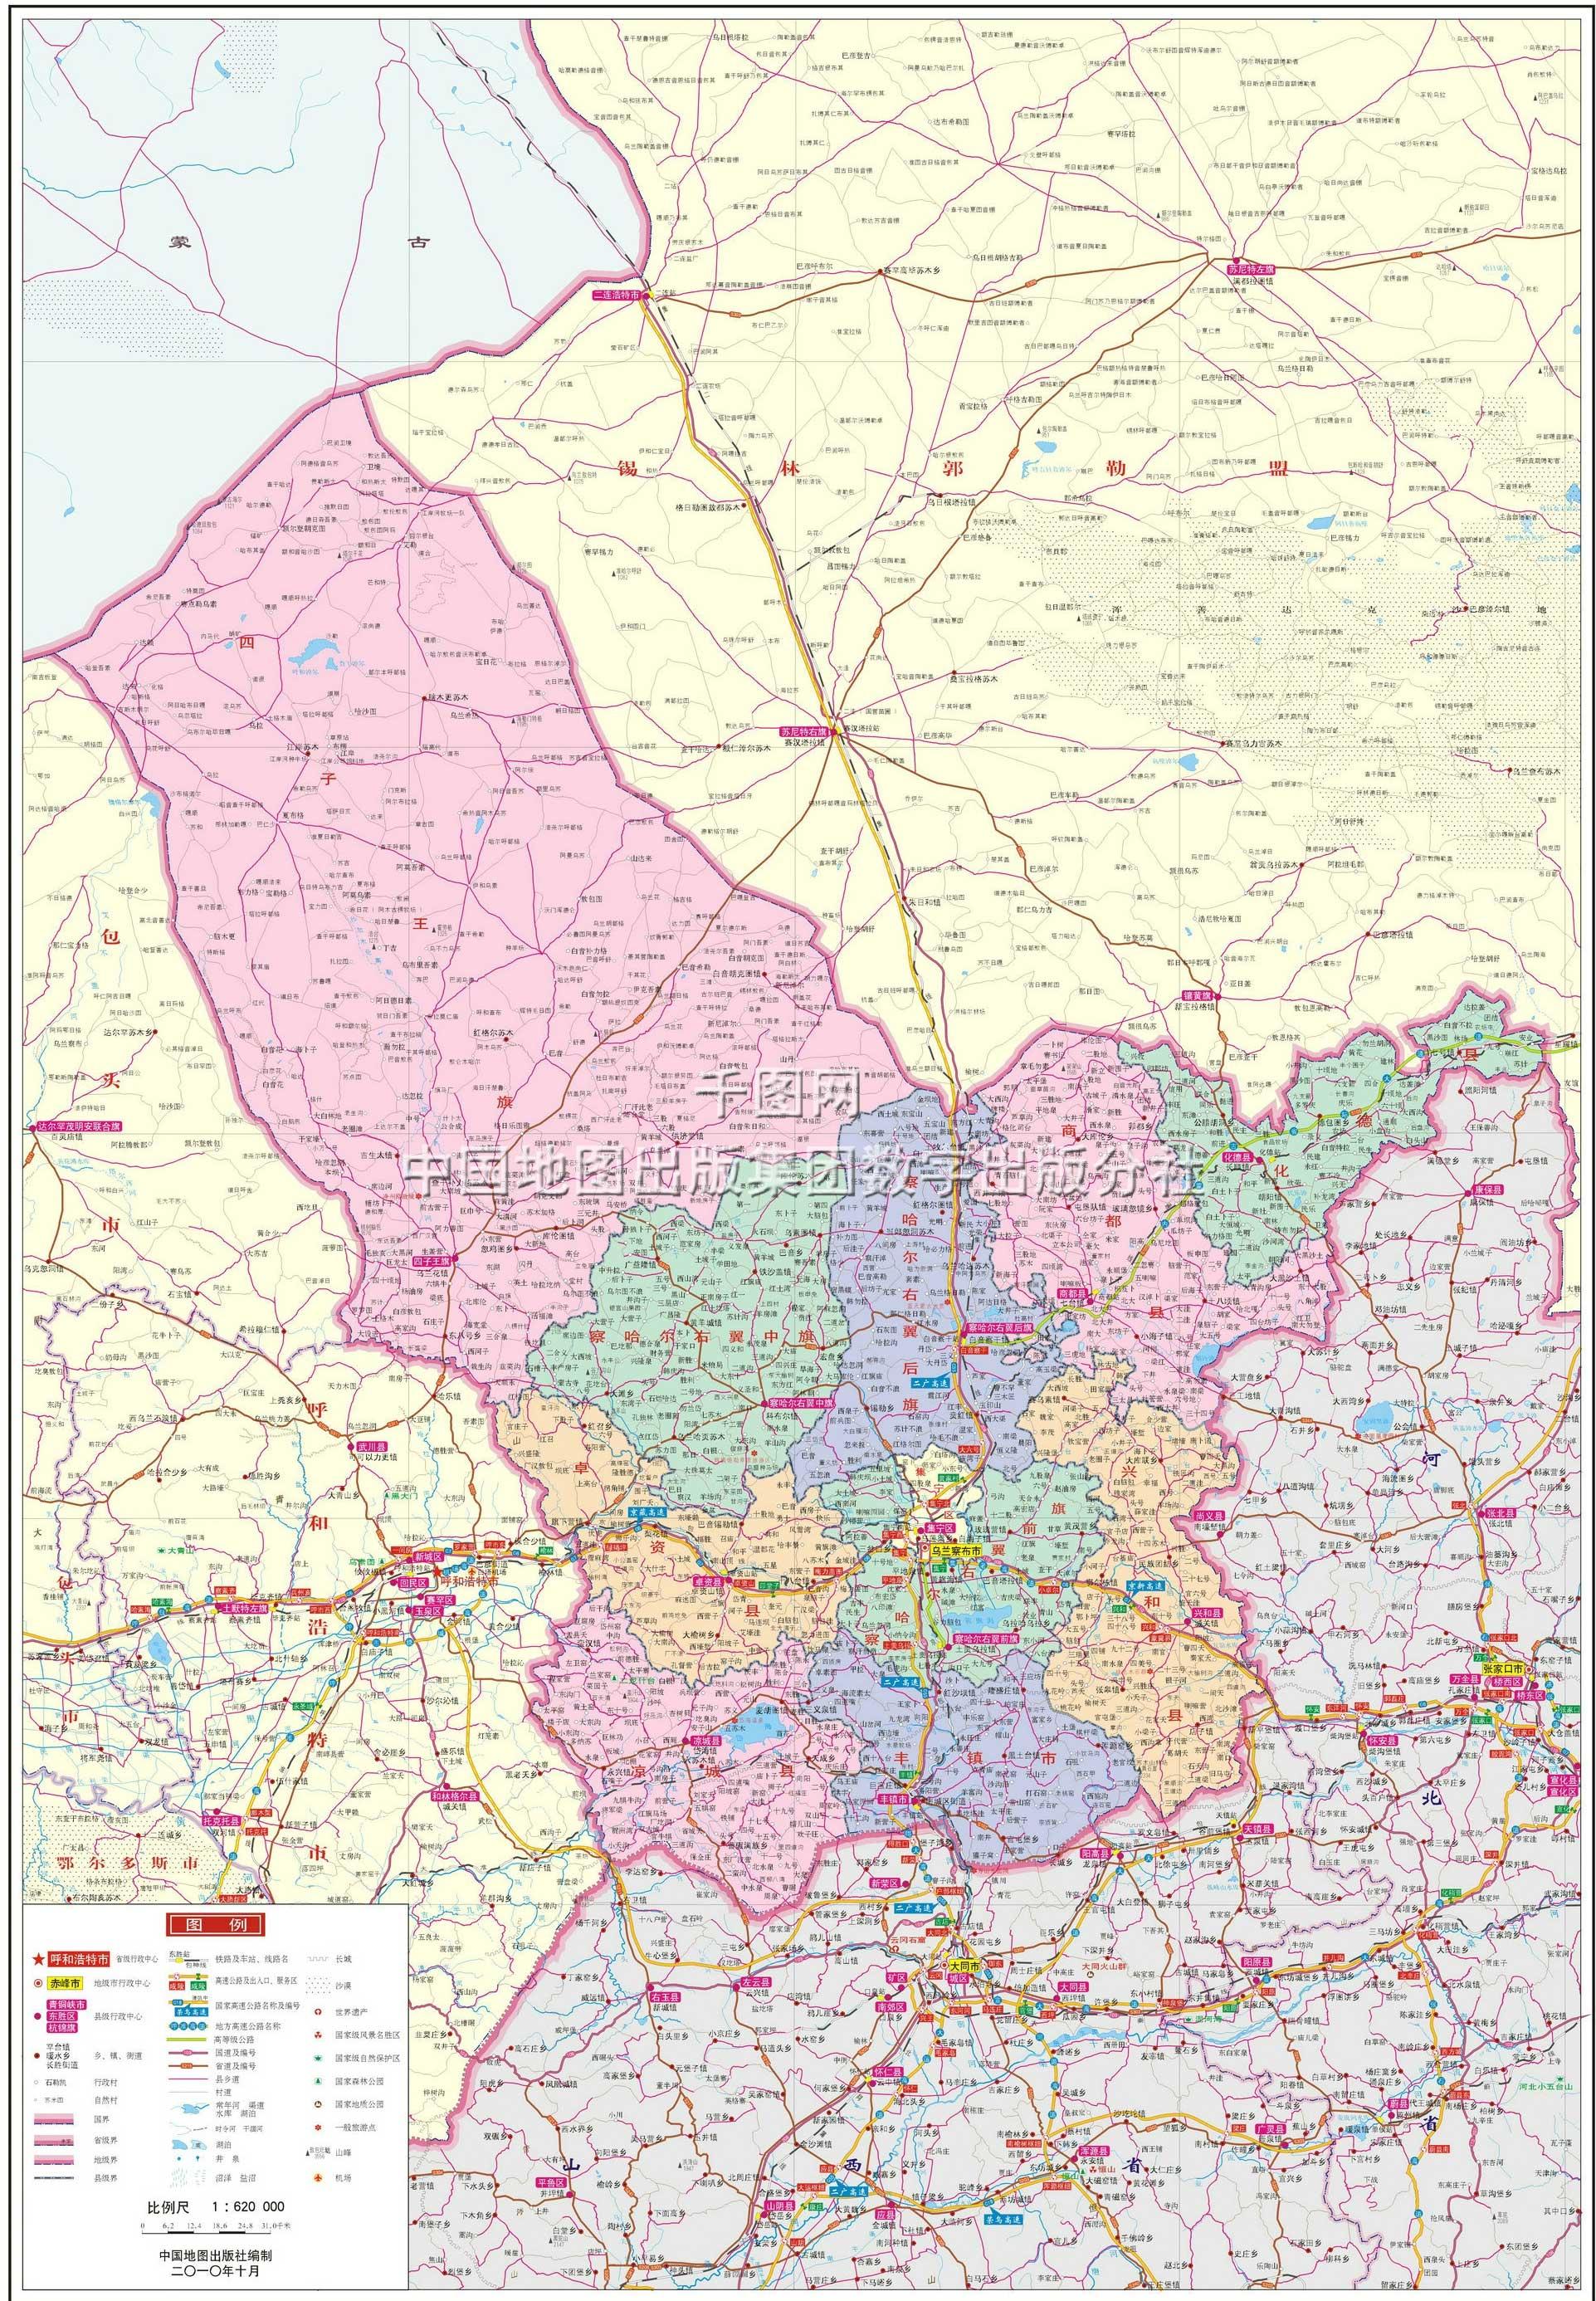 省地图高清版大图|内蒙古地图超清|中国高清地图|山西内蒙古地图全图